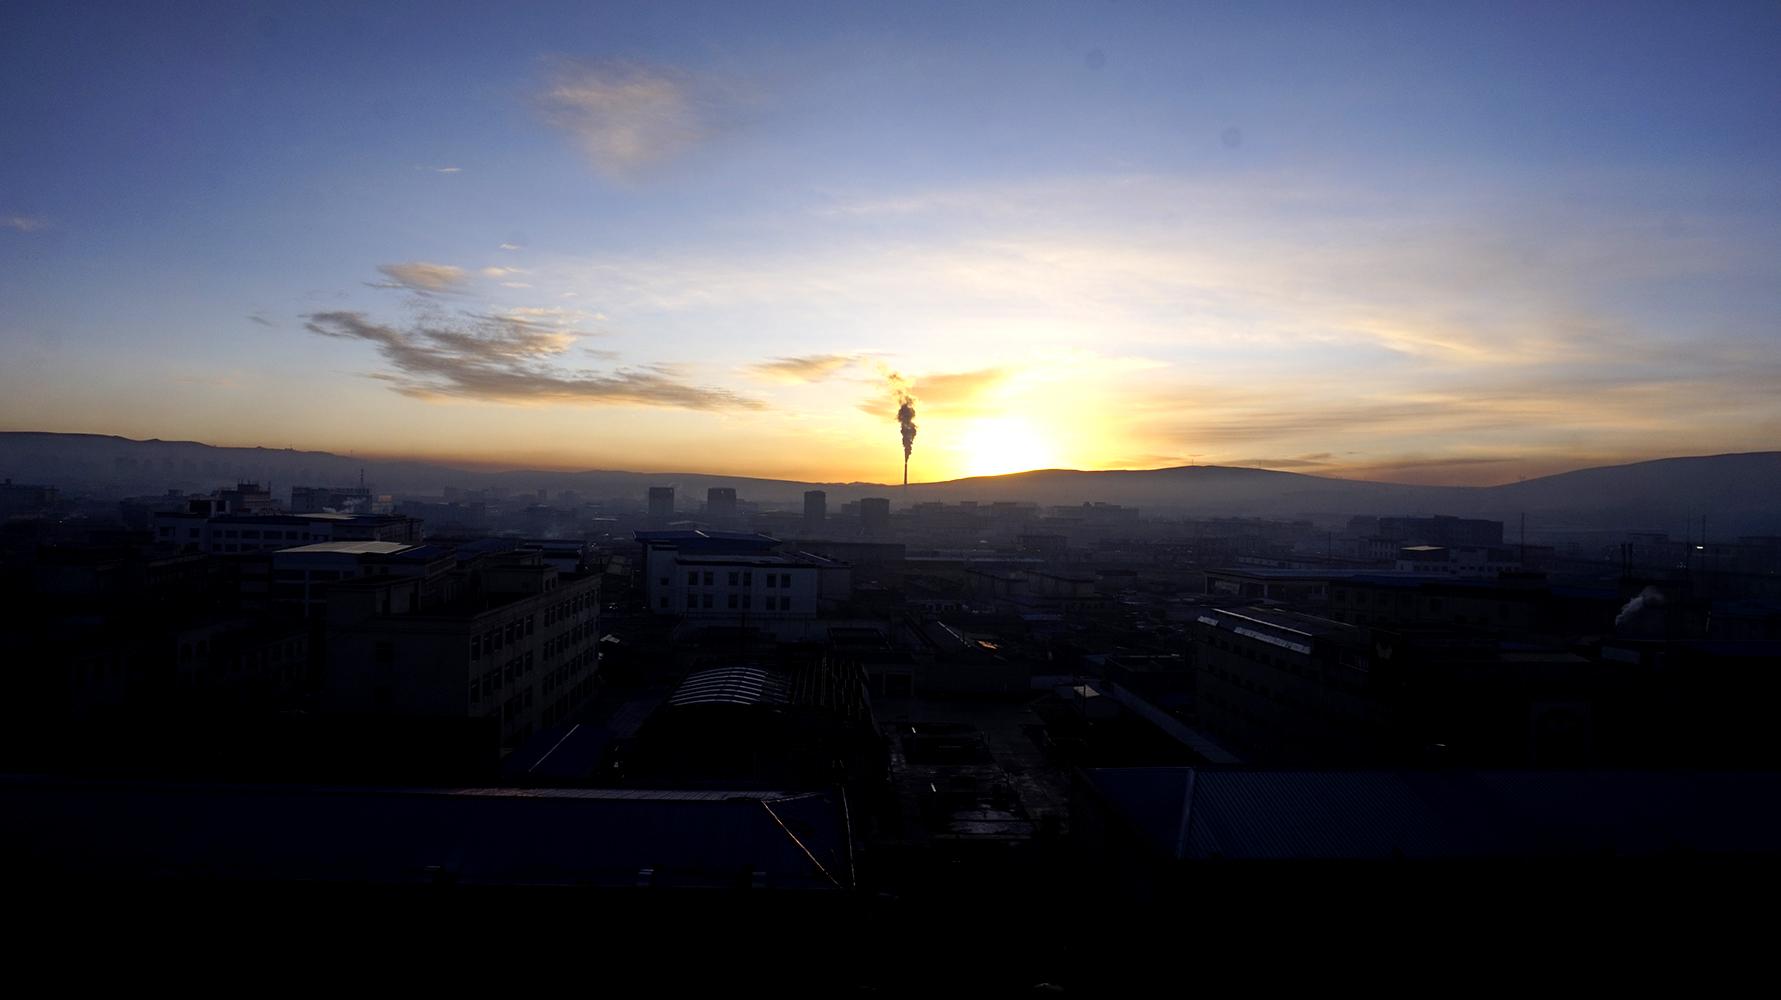 俯瞰目前全国最年轻、海拔最高的地级市那曲